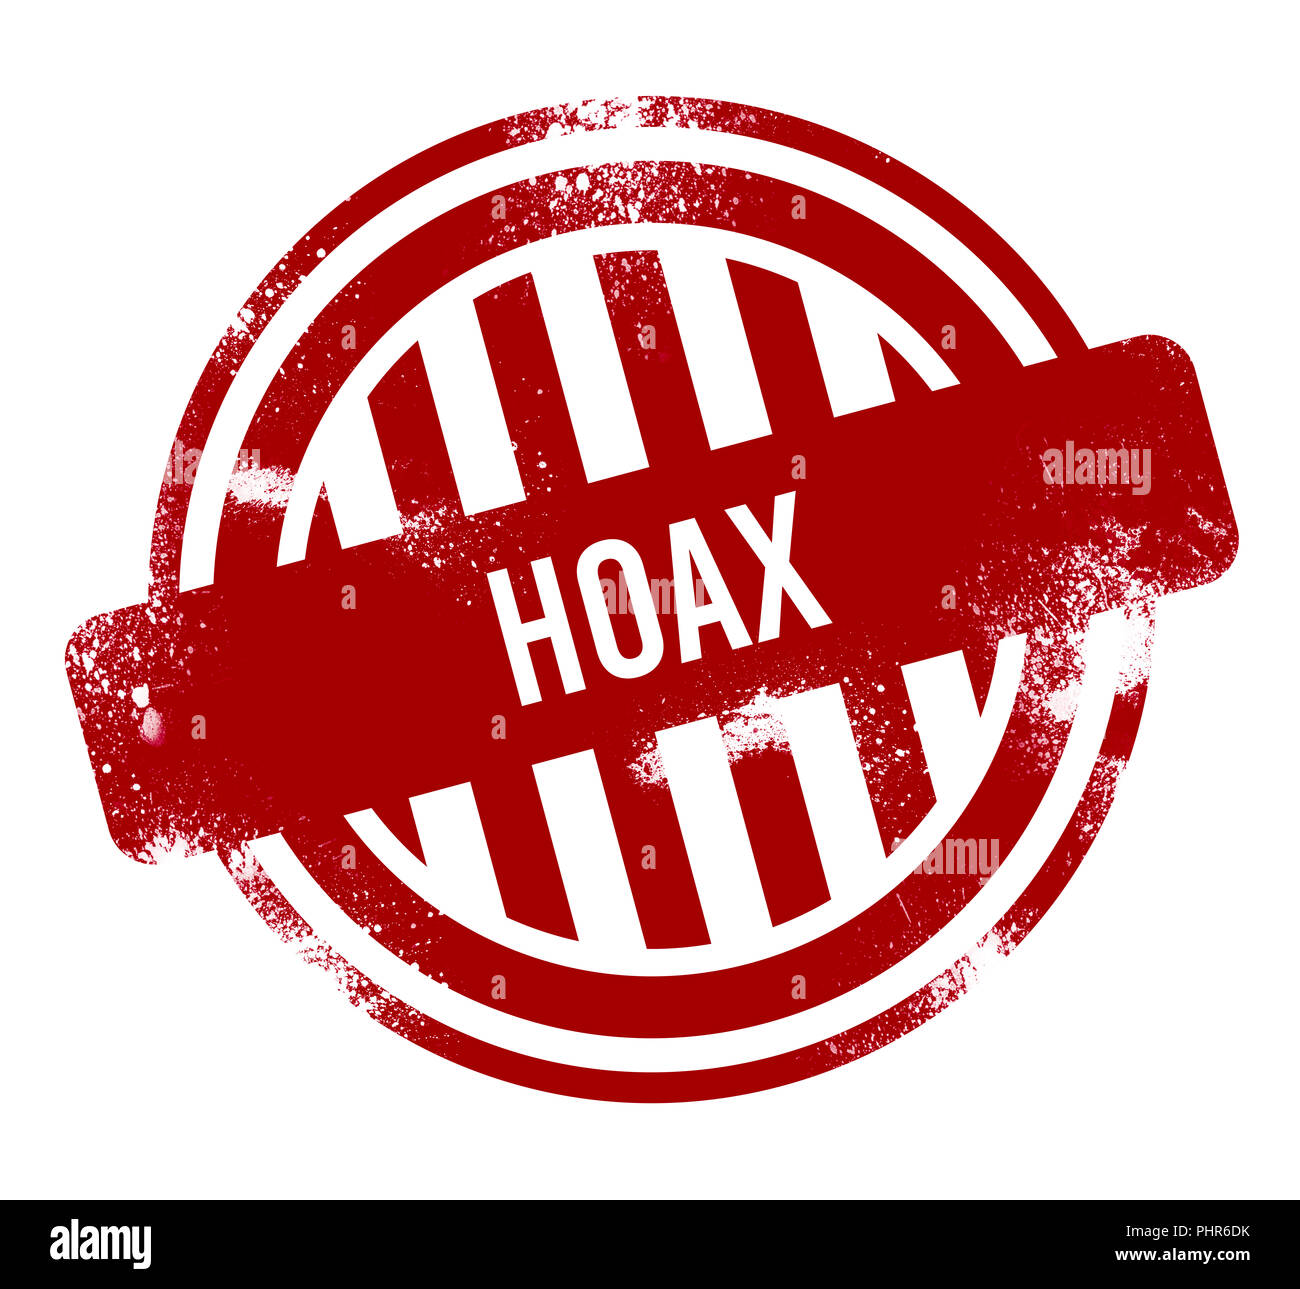 Hoax - rosso pulsante grunge, timbro Immagini Stock